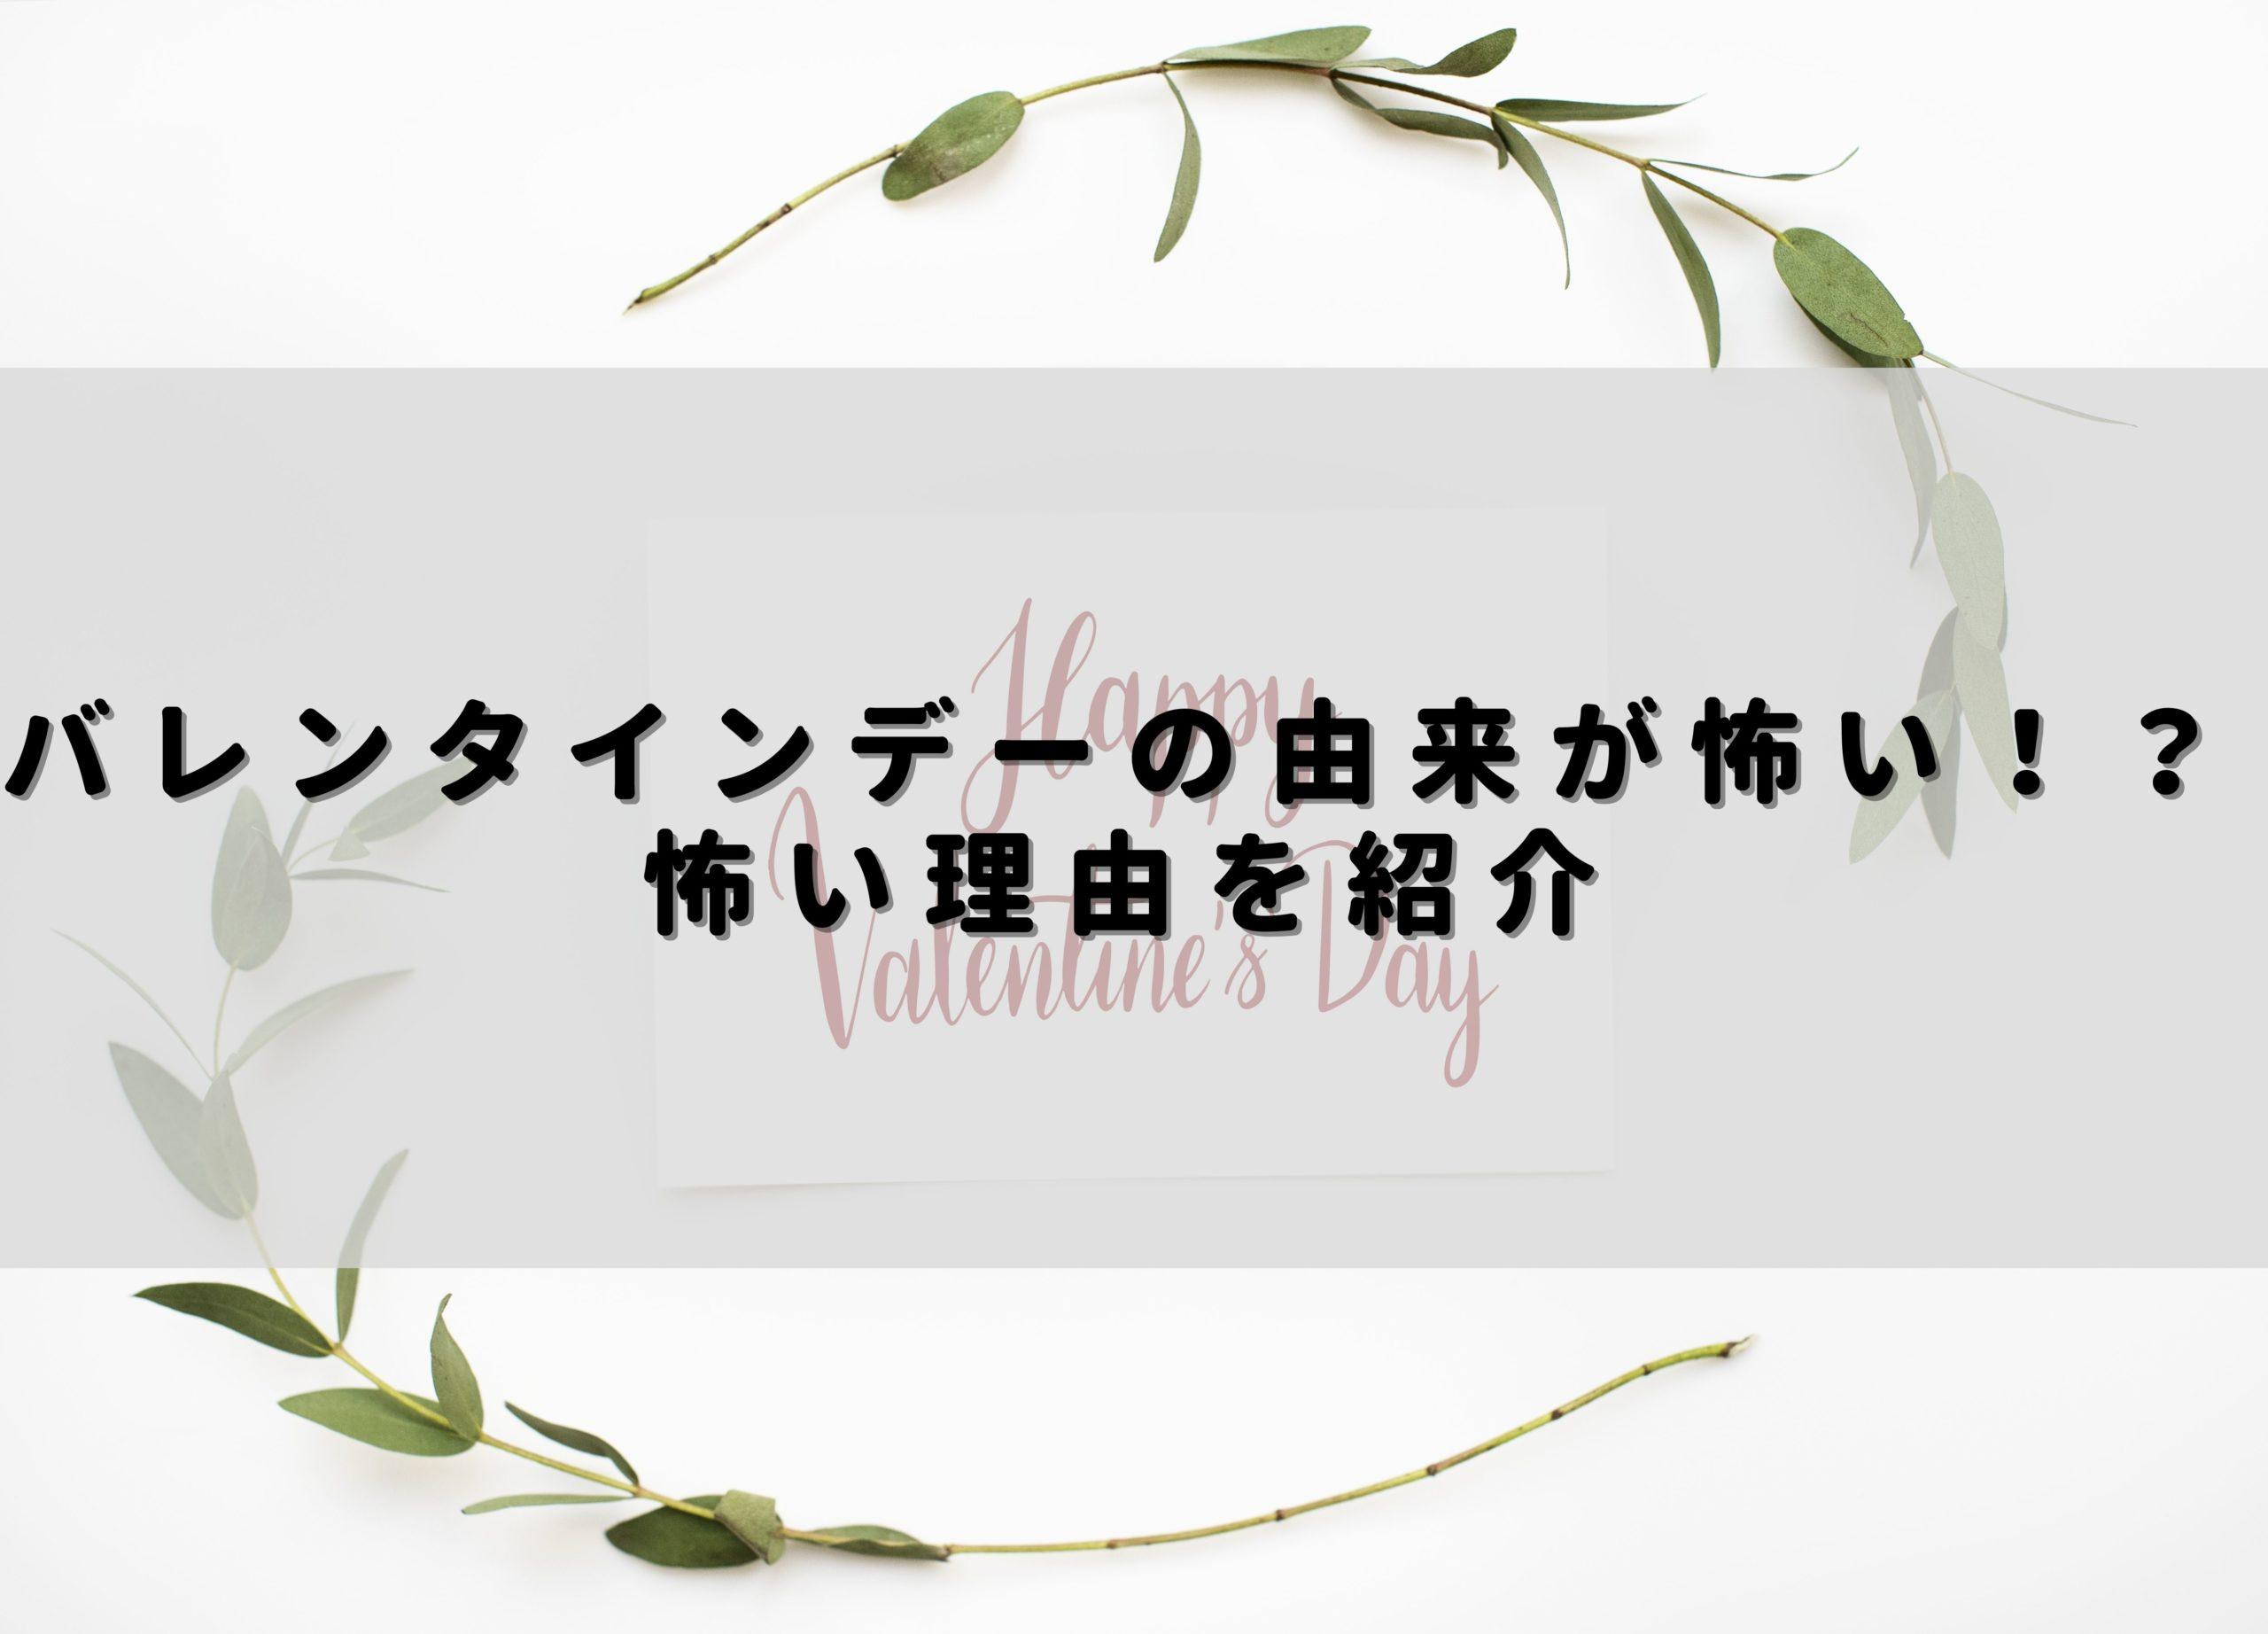 バレンタインの由来が怖い?処刑された司教とバレンタインデー発足の思惑